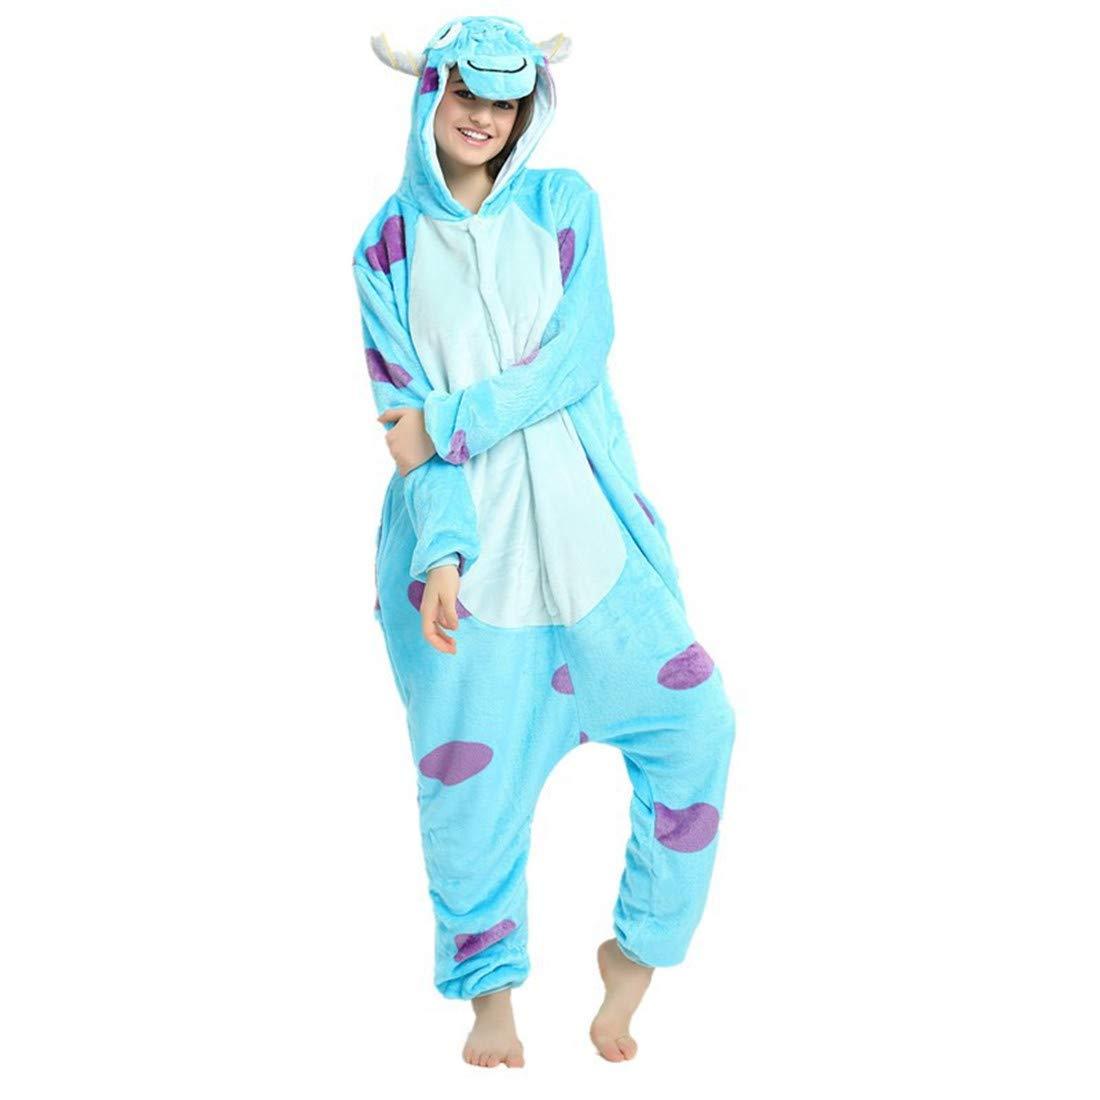 Casa Adulto Animal Pijamas con Capucha Kigurumi Unisexo la Ropa de Noche del Traje del Anime de Cosplay Disfraz Homewear Lounge Sleepwear del Onesie Azul S